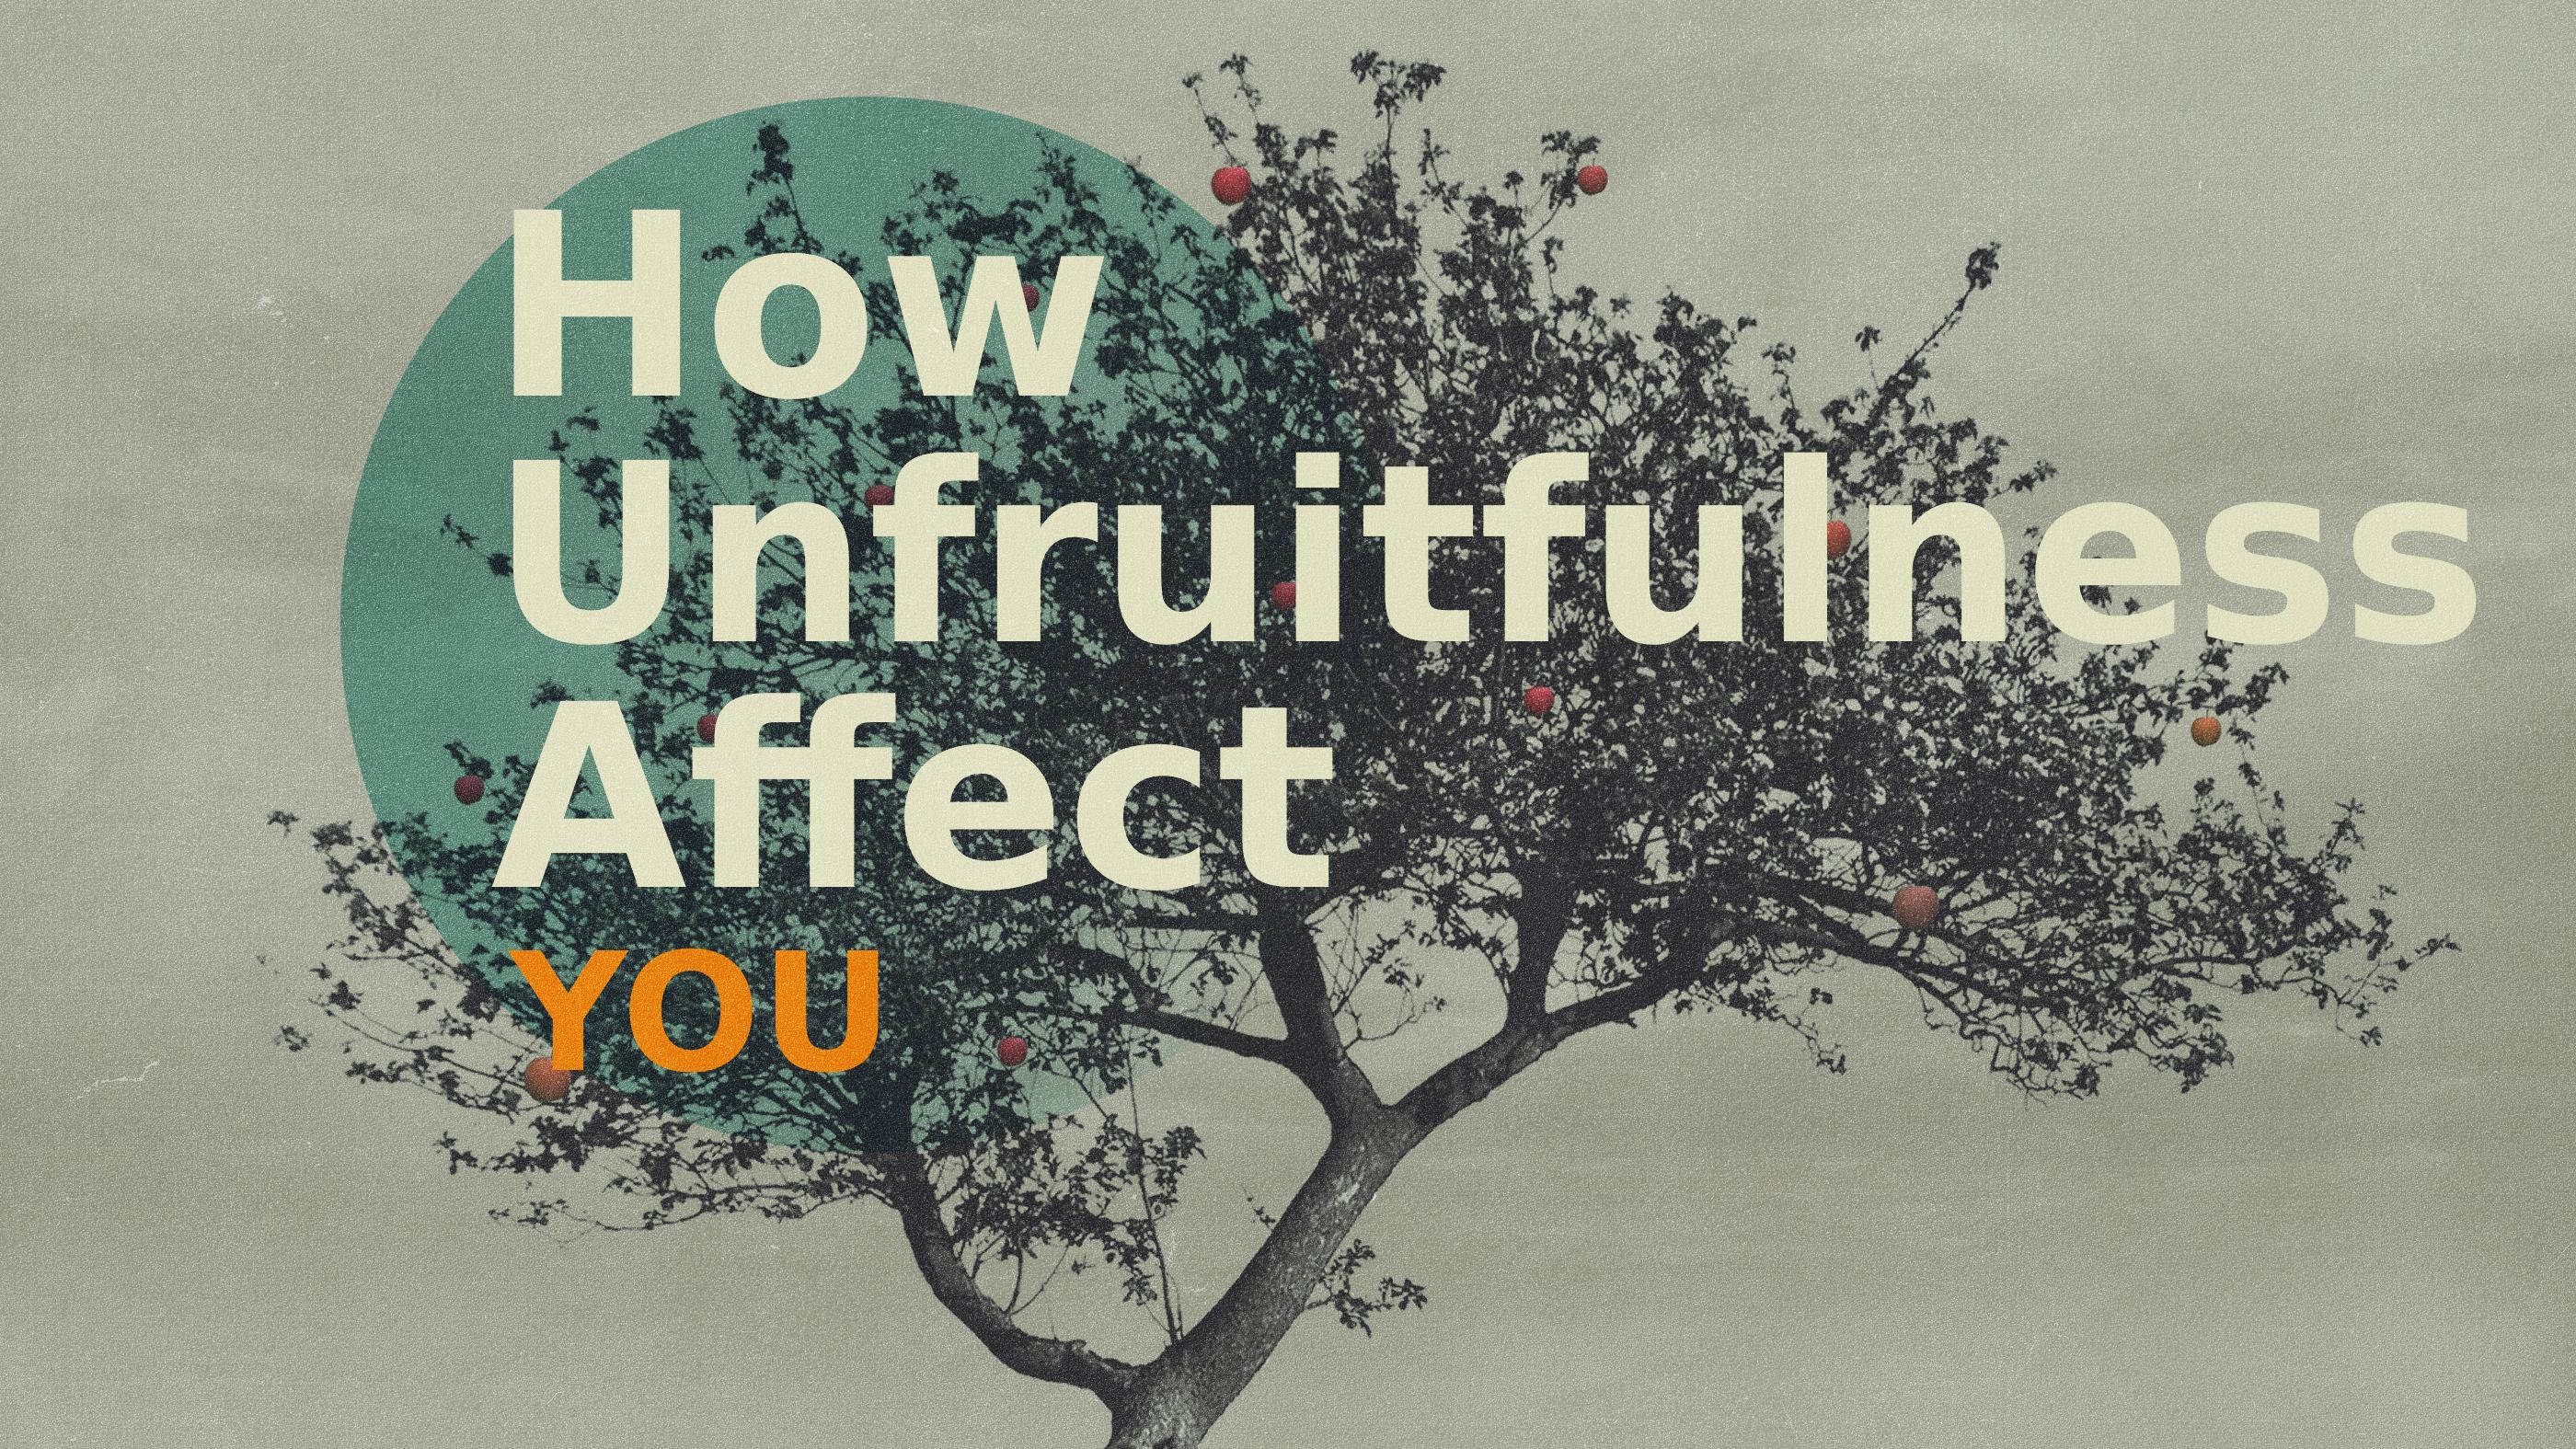 unfruitful_lives